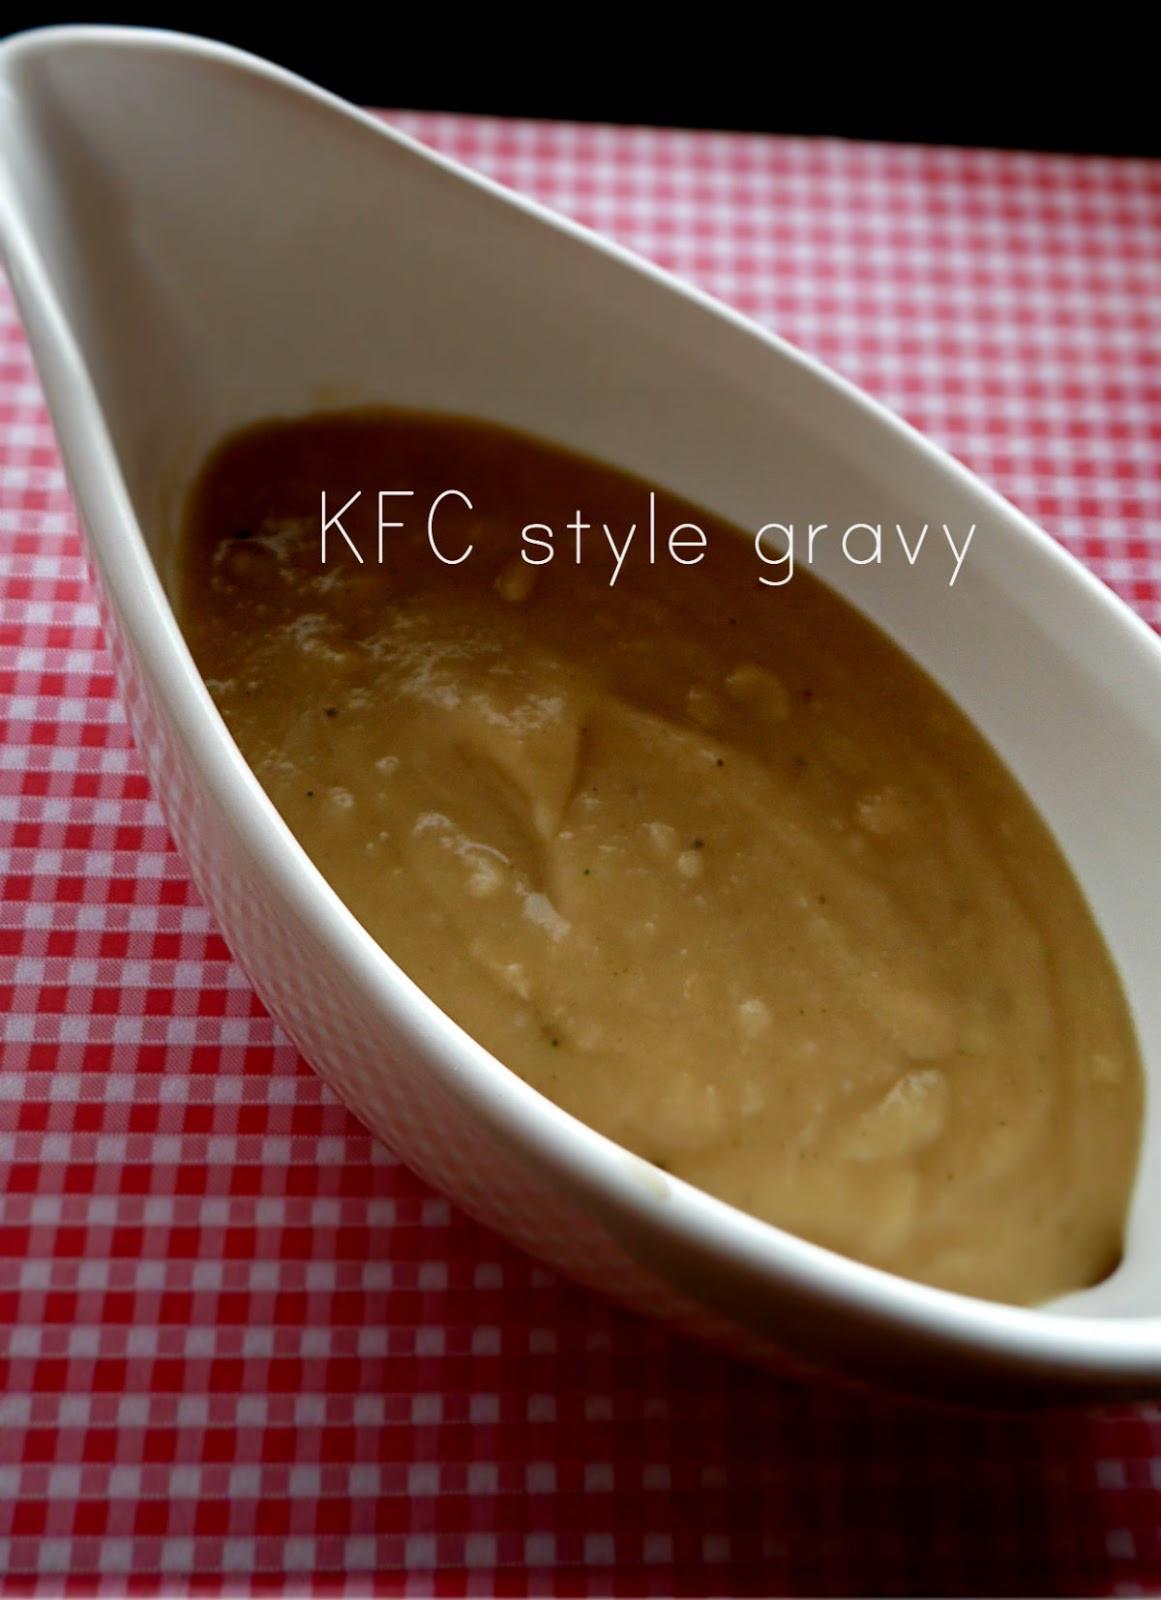 Is Kfc Gravy Vegetarian  Cooking in Hungary KFC style gravy